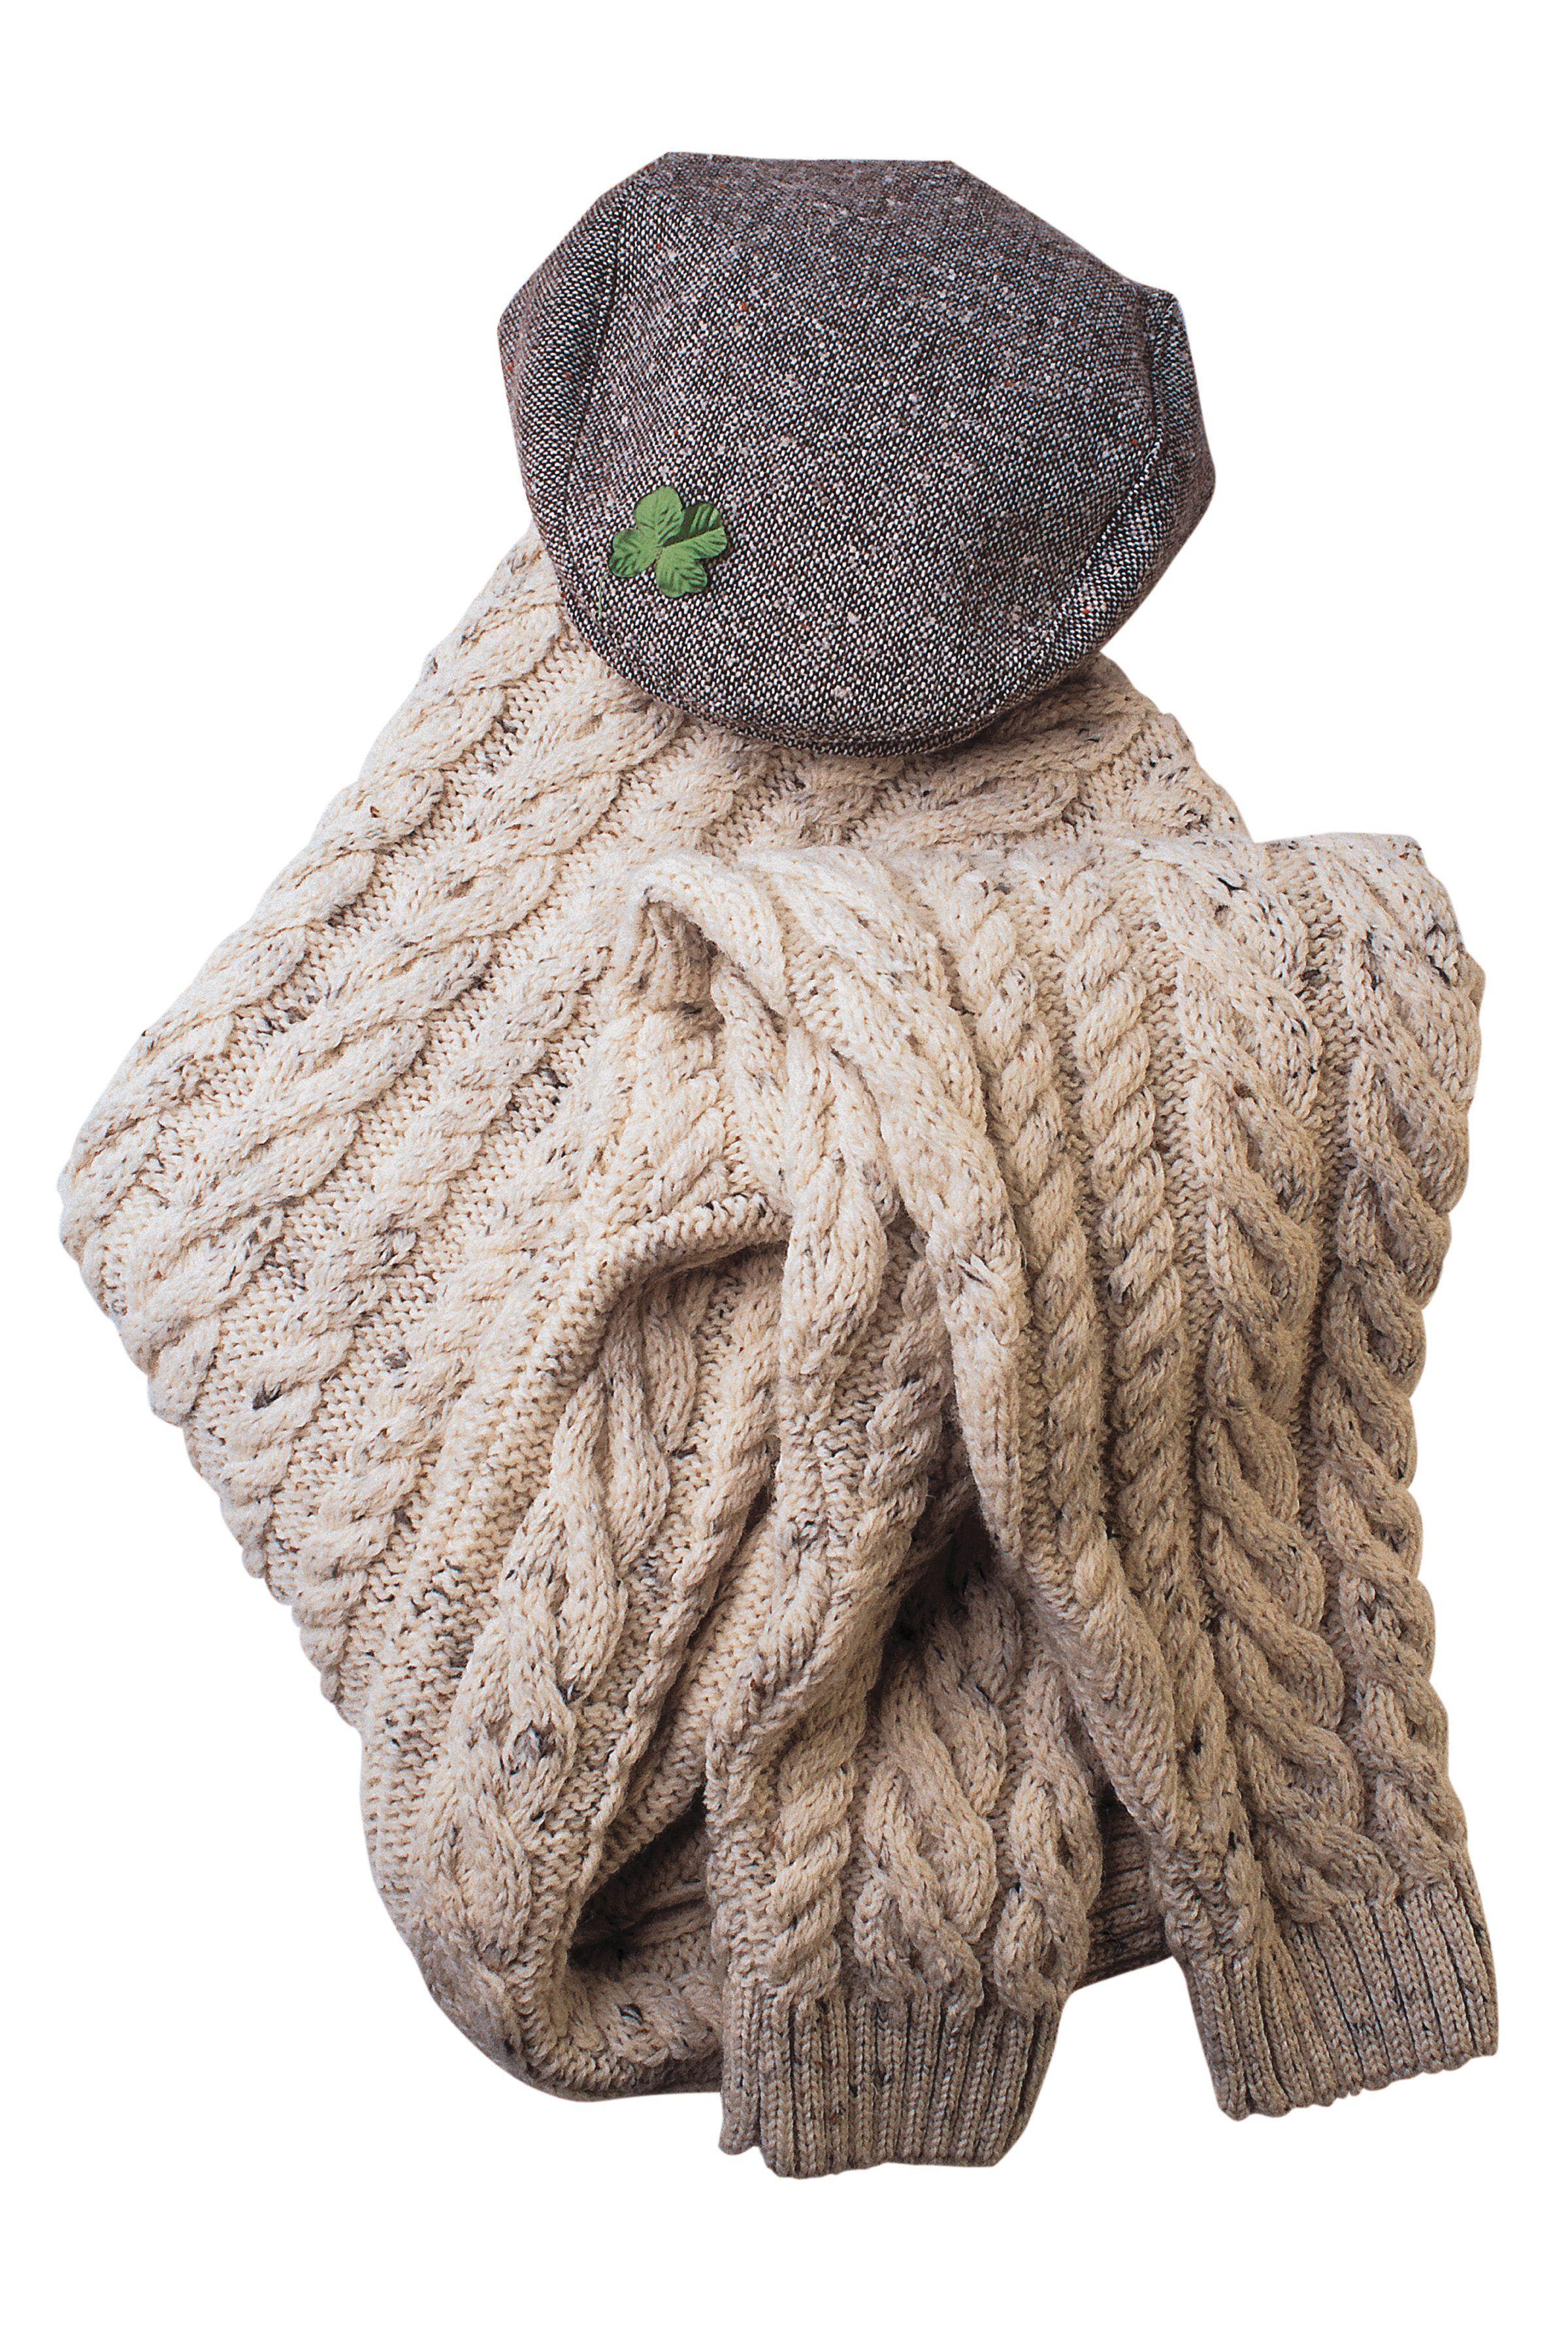 woolen garb clue woolen garments